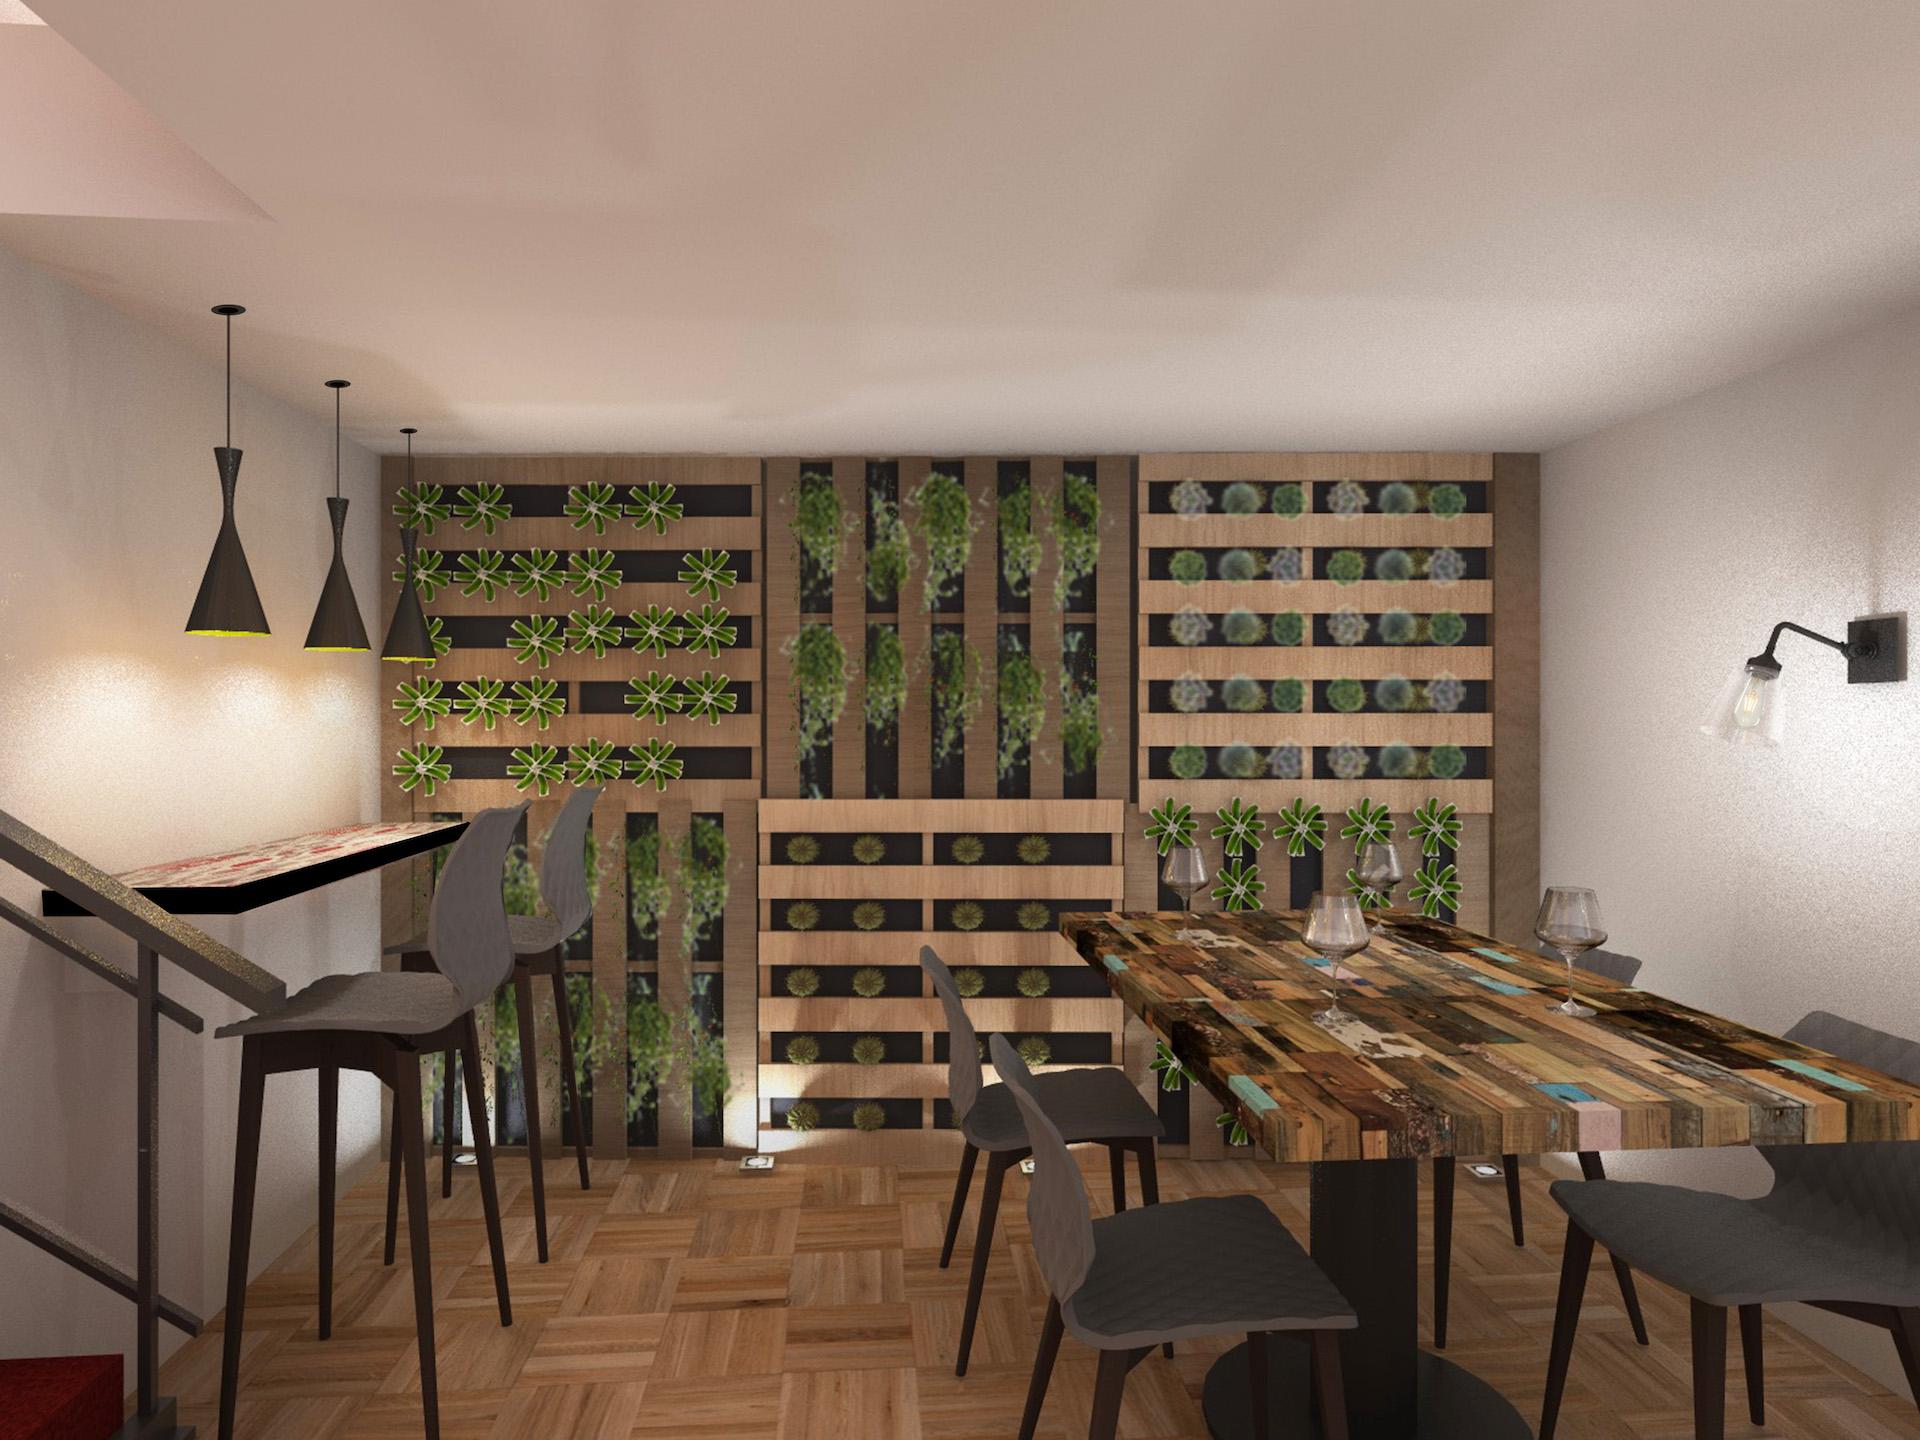 Décoration restaurant tapas Saint-Raphael